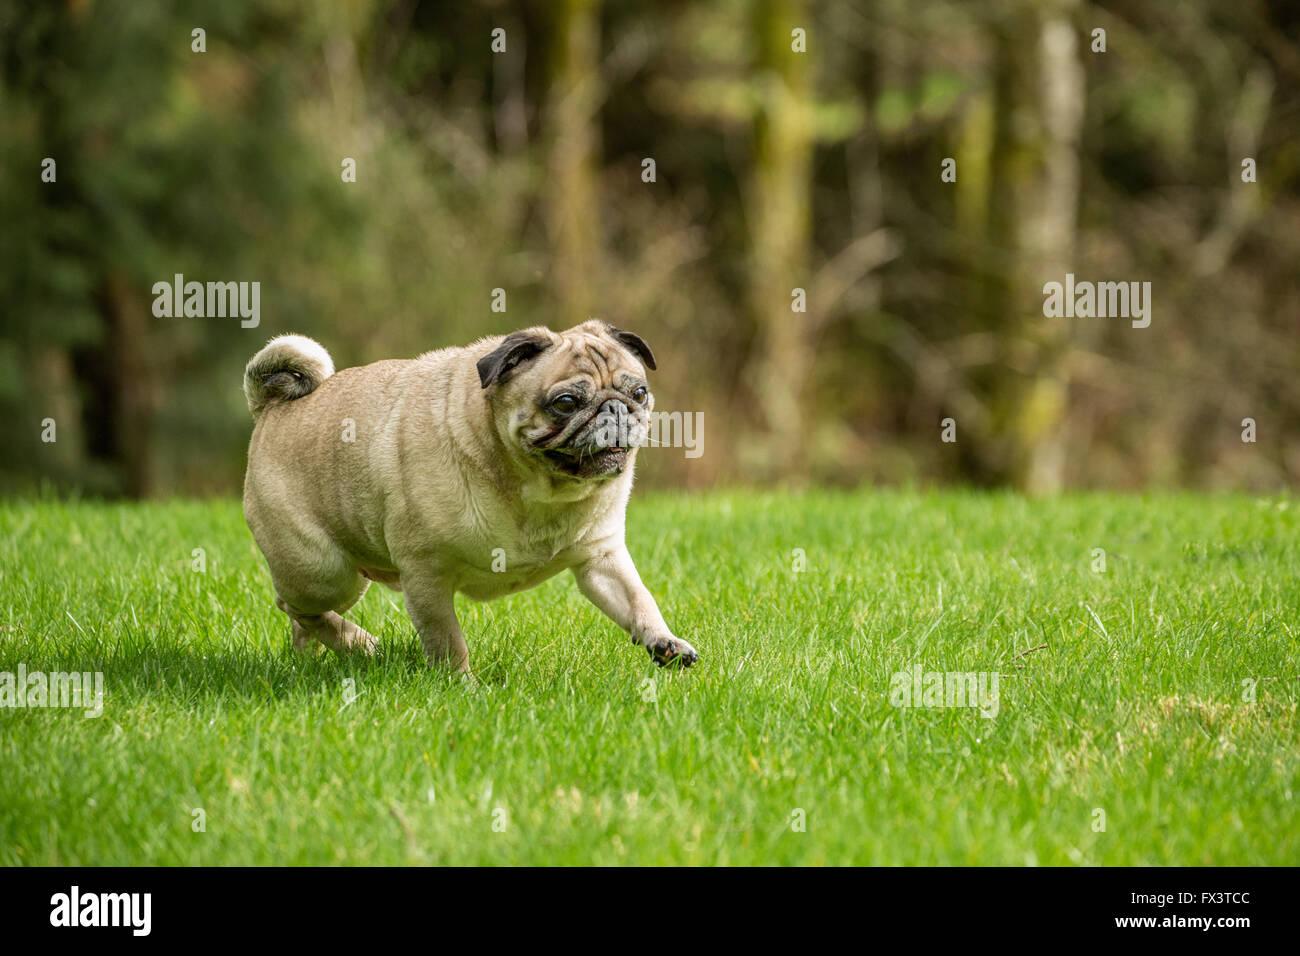 Cabo, un Pug fauve, marchant dans sa cour à Redmond, Washington, États-Unis Photo Stock